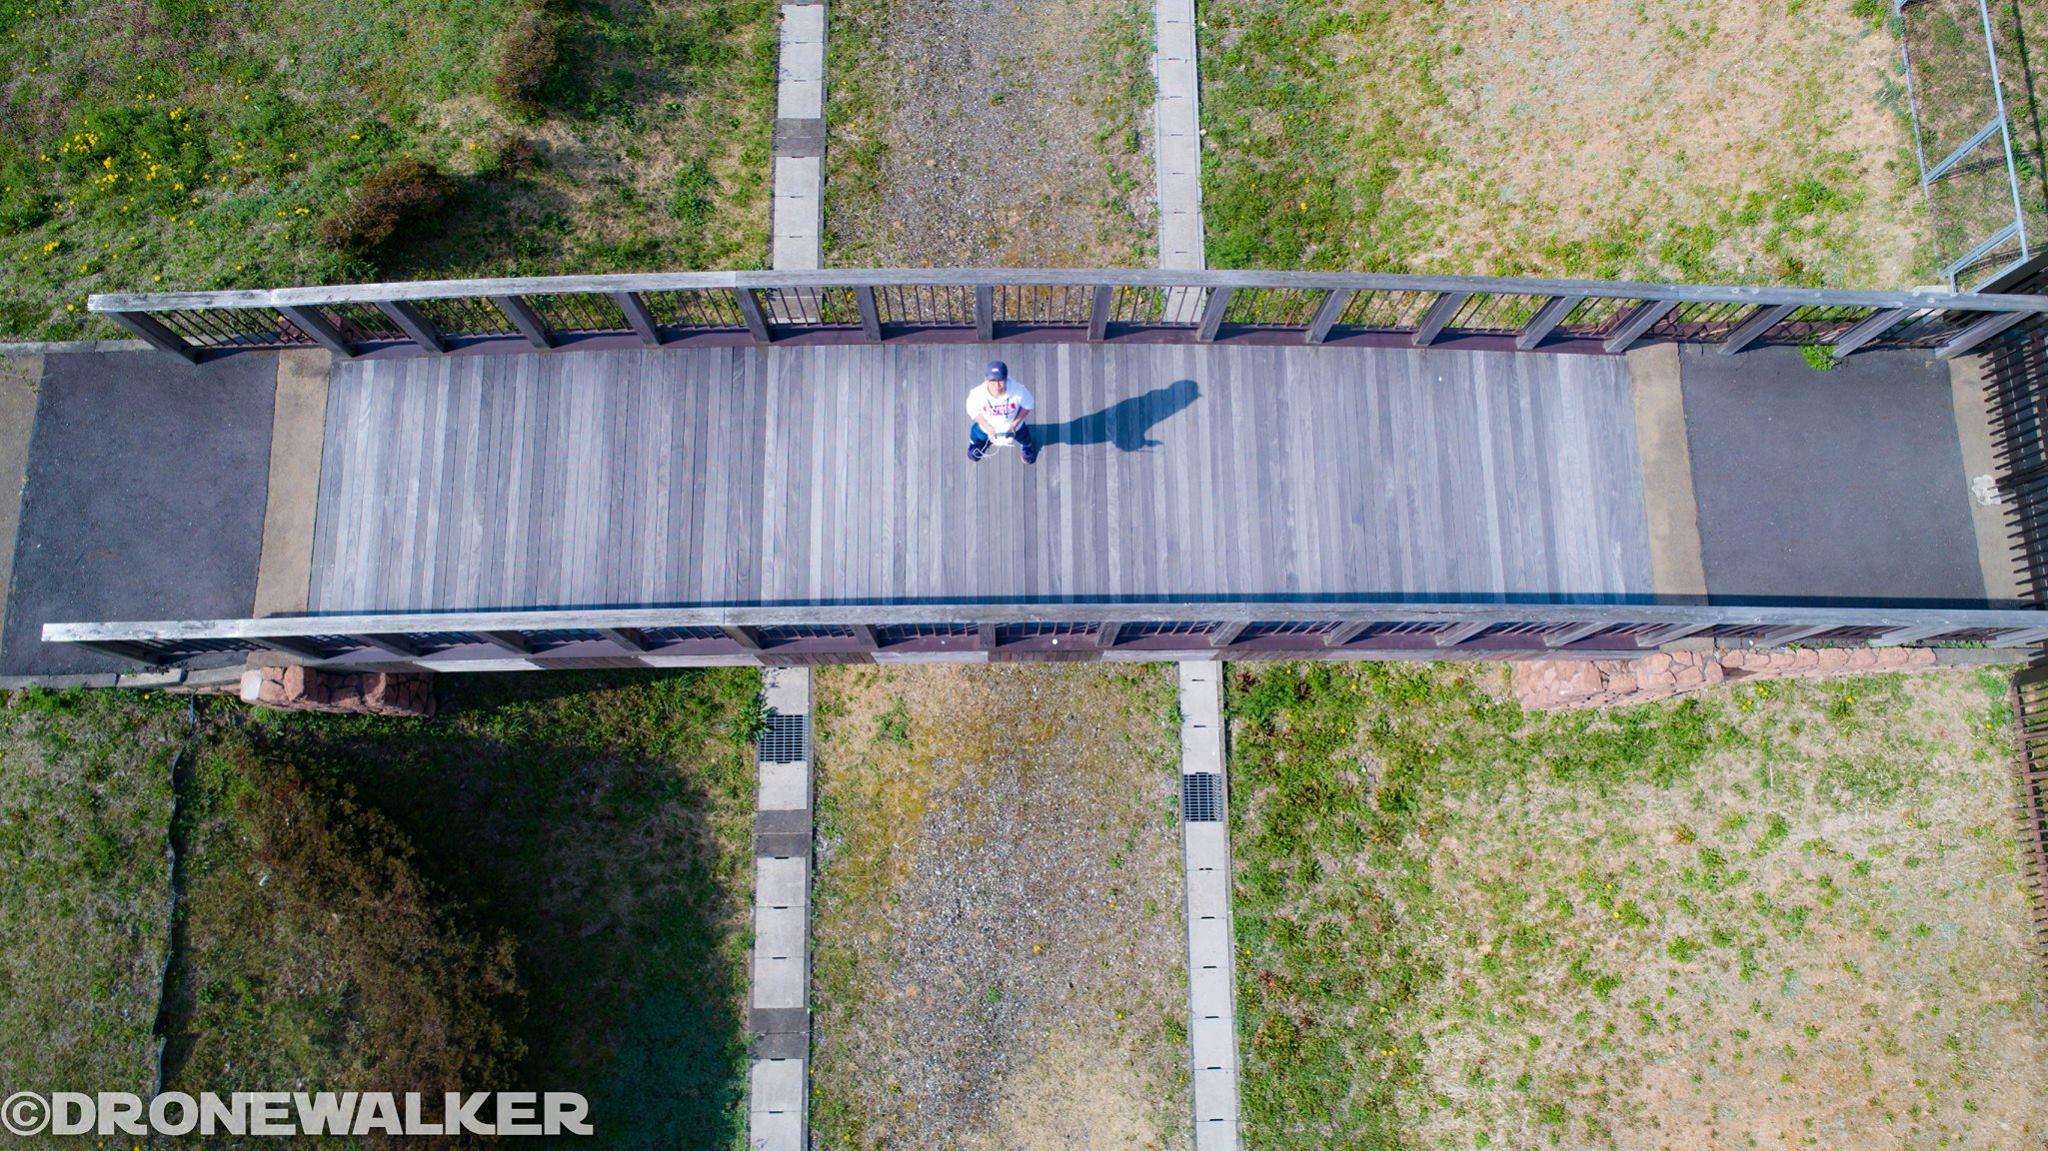 【2018年版】DJIドローンに依存しない新しい空撮事業の展開方法を考える